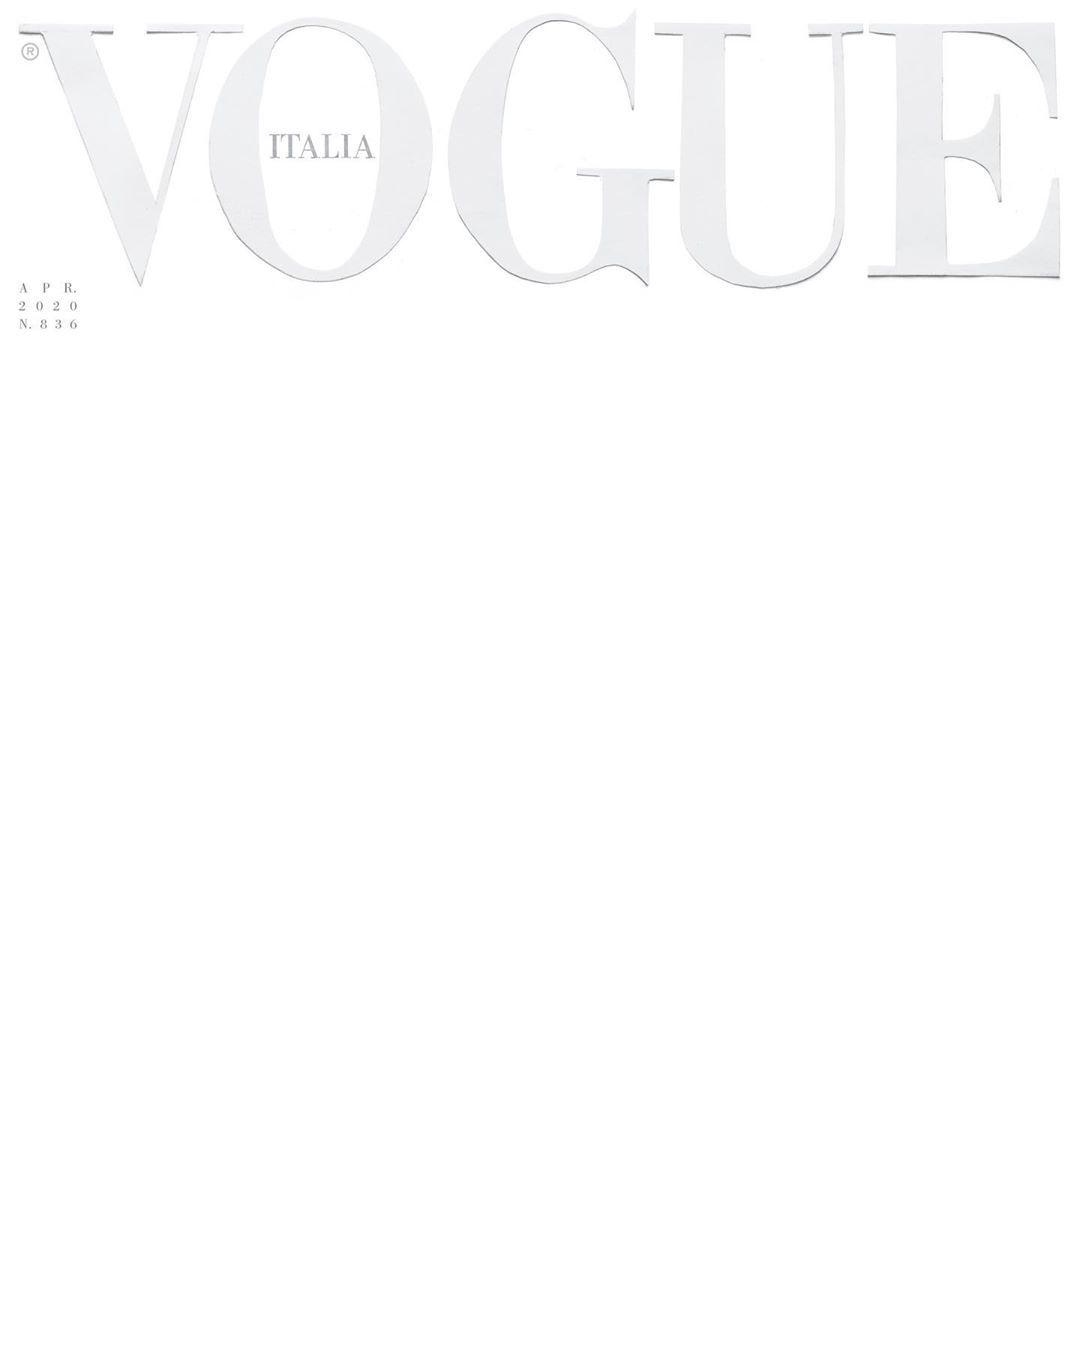 Vogue Italia, April 2020